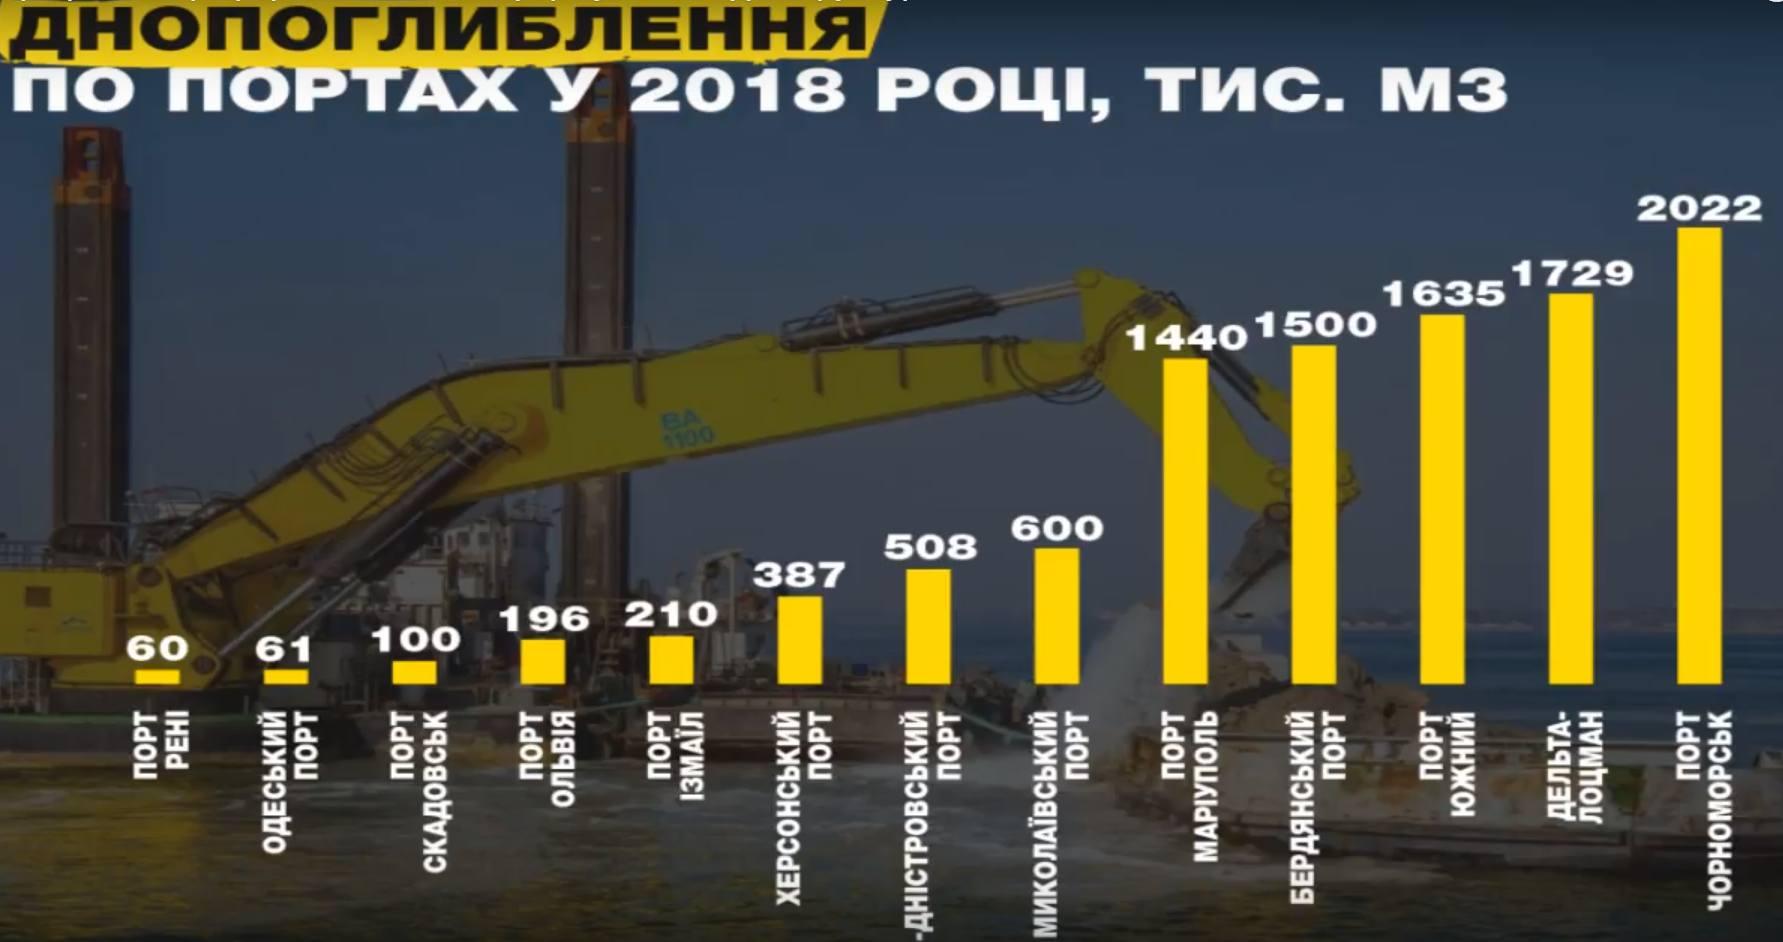 Дороги, почта и порты. Как Украина обновит инфраструктуру